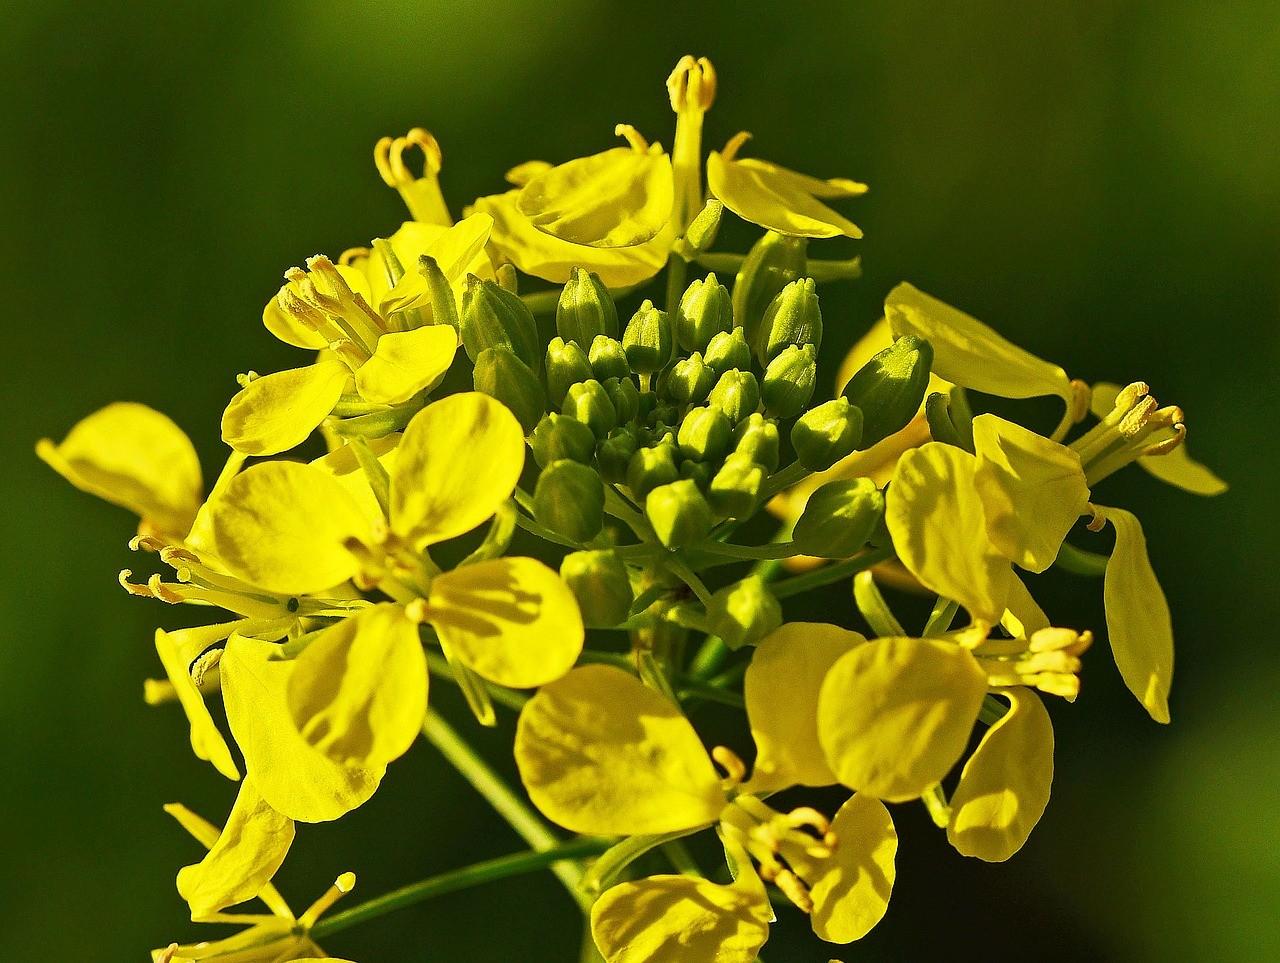 «Нужно ли перекапывать горчицу посеянную осенью?» фото - mustard flower 3001688 1280